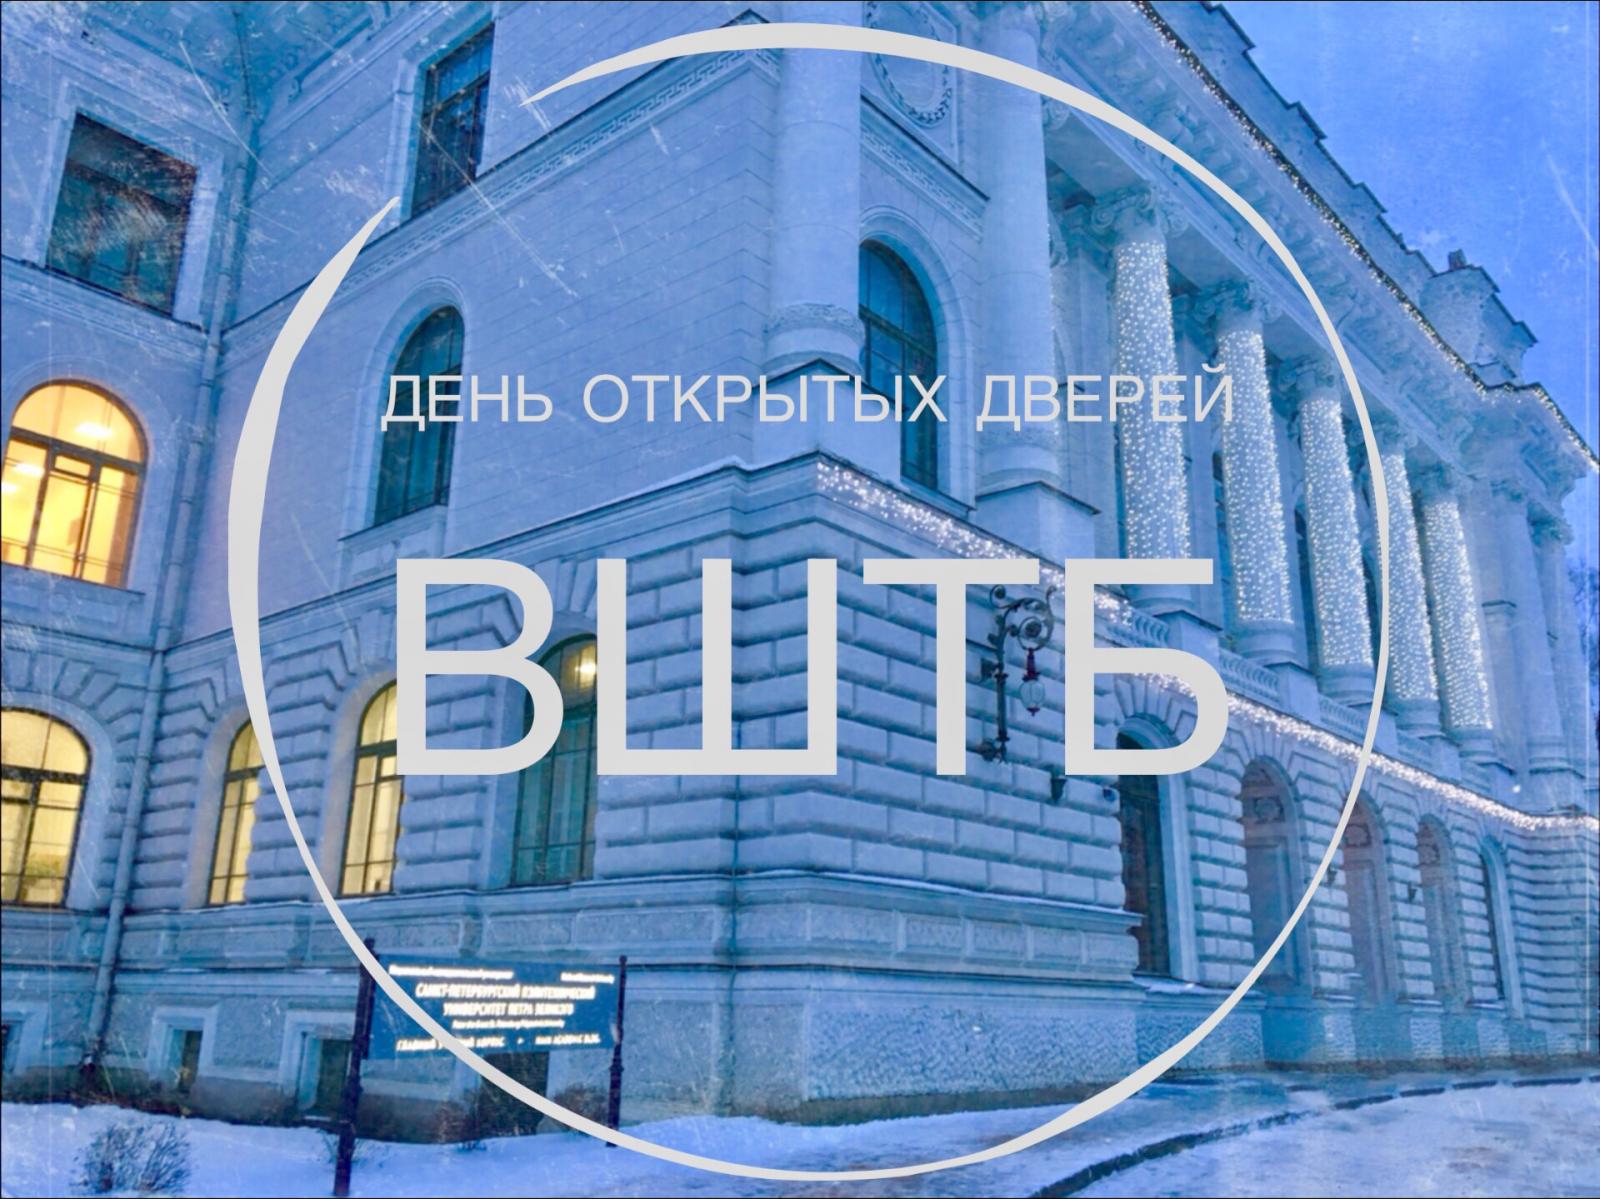 День открытых дверей ВШТБ